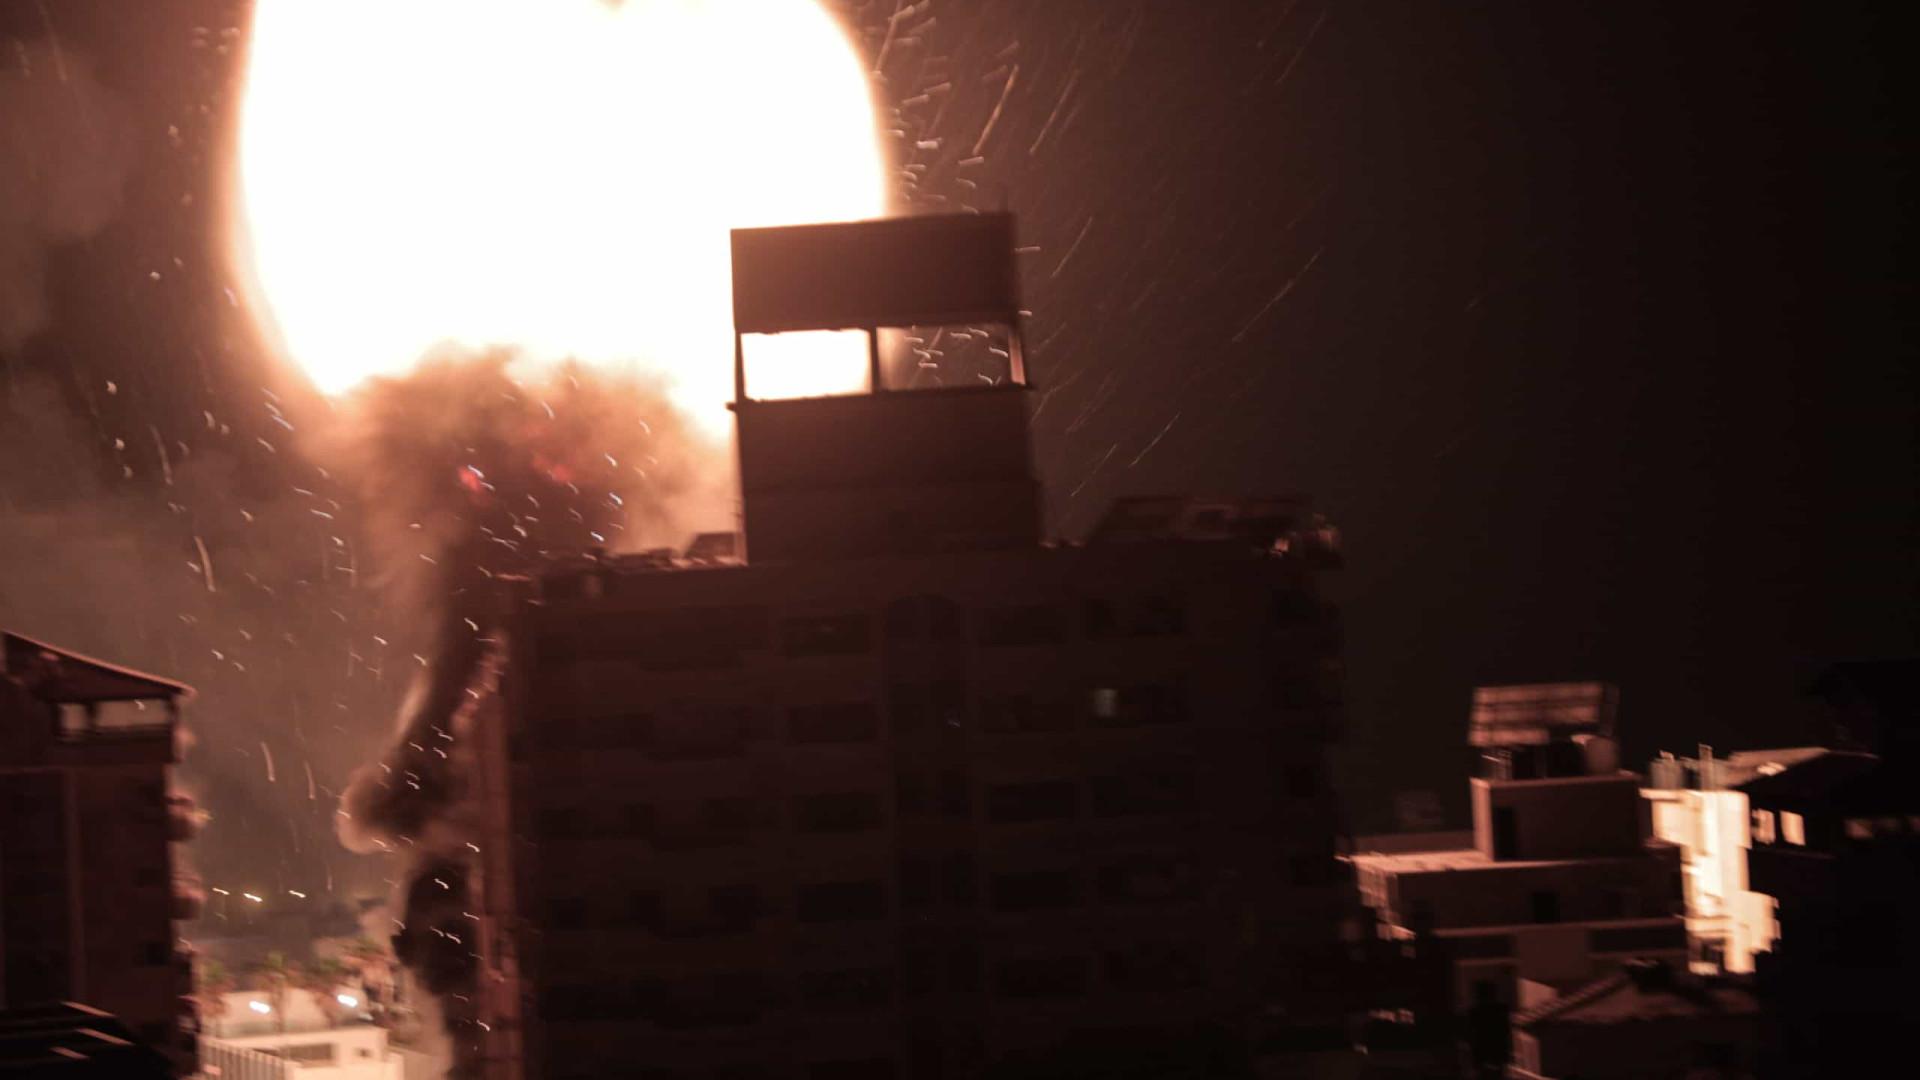 Últimas horas registaram os ataques mais fortes de Israel contra Gaza